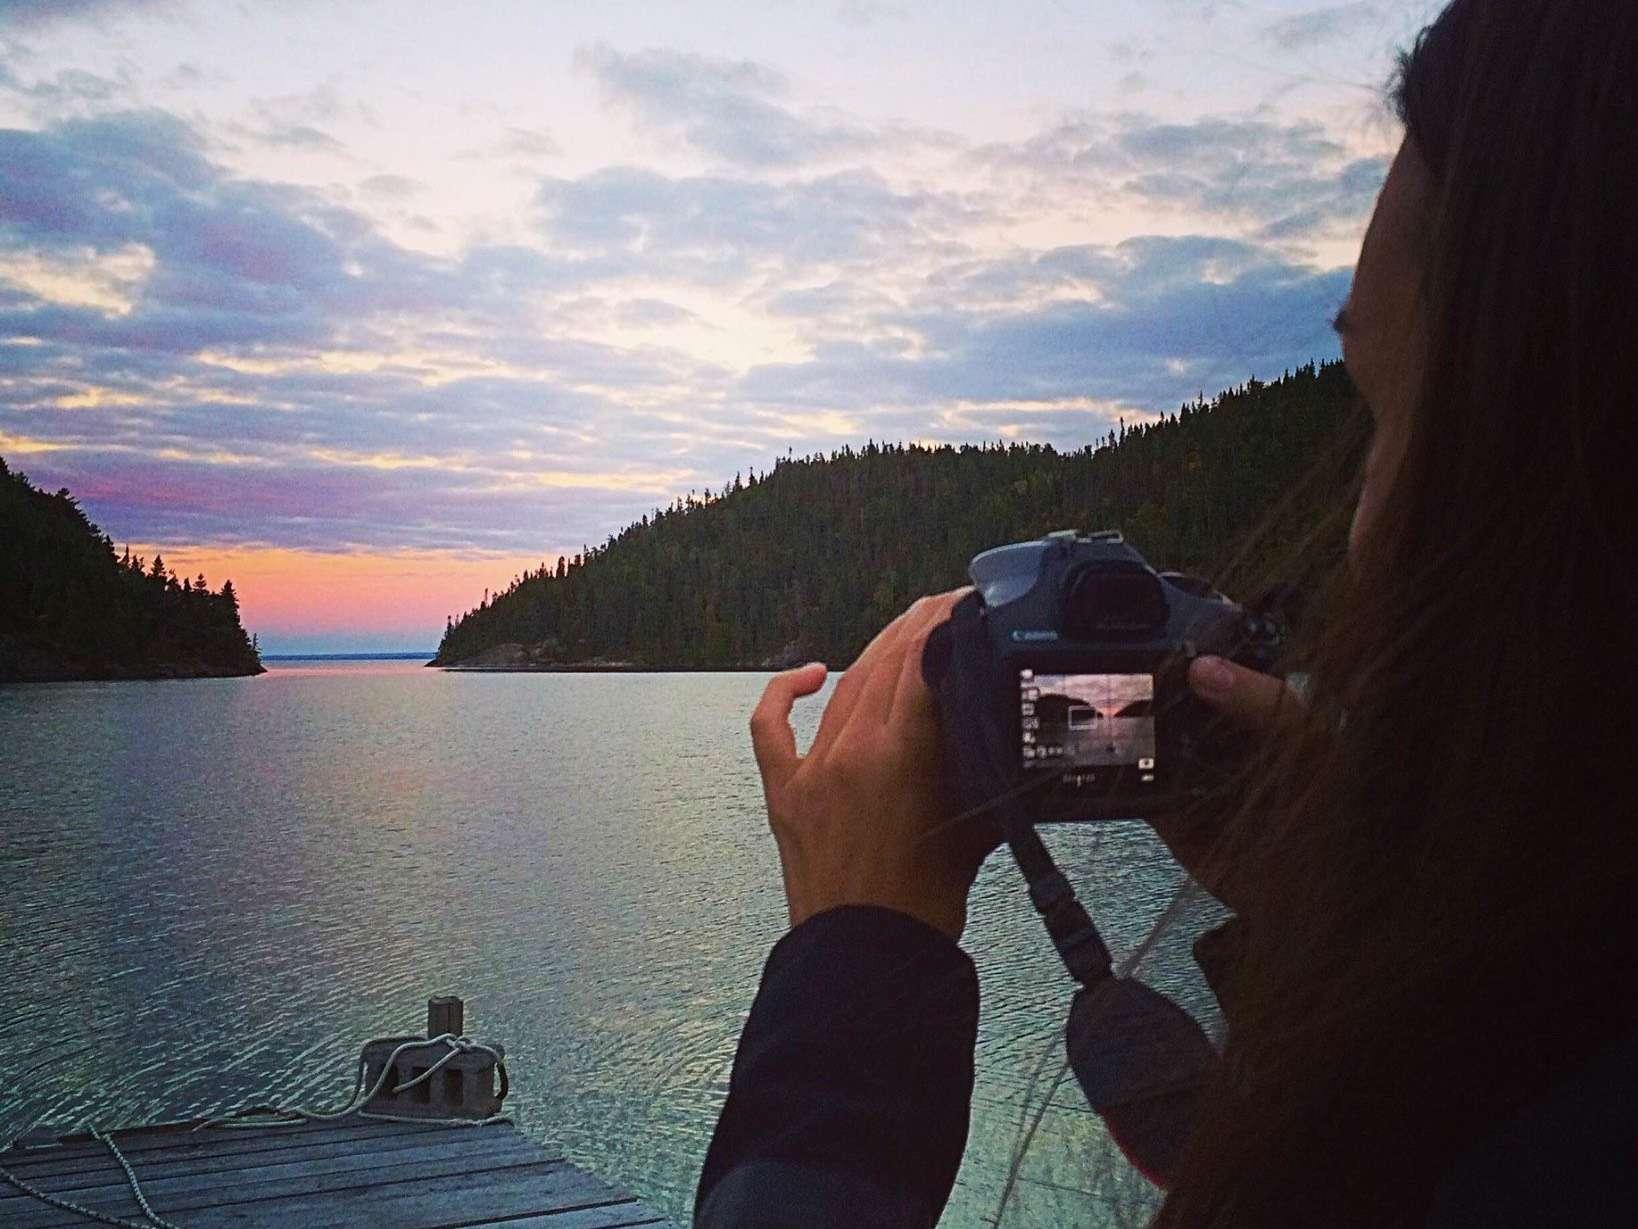 Photoception - Photos de voyage : voyageur ou vantard? - Nomad Junkies